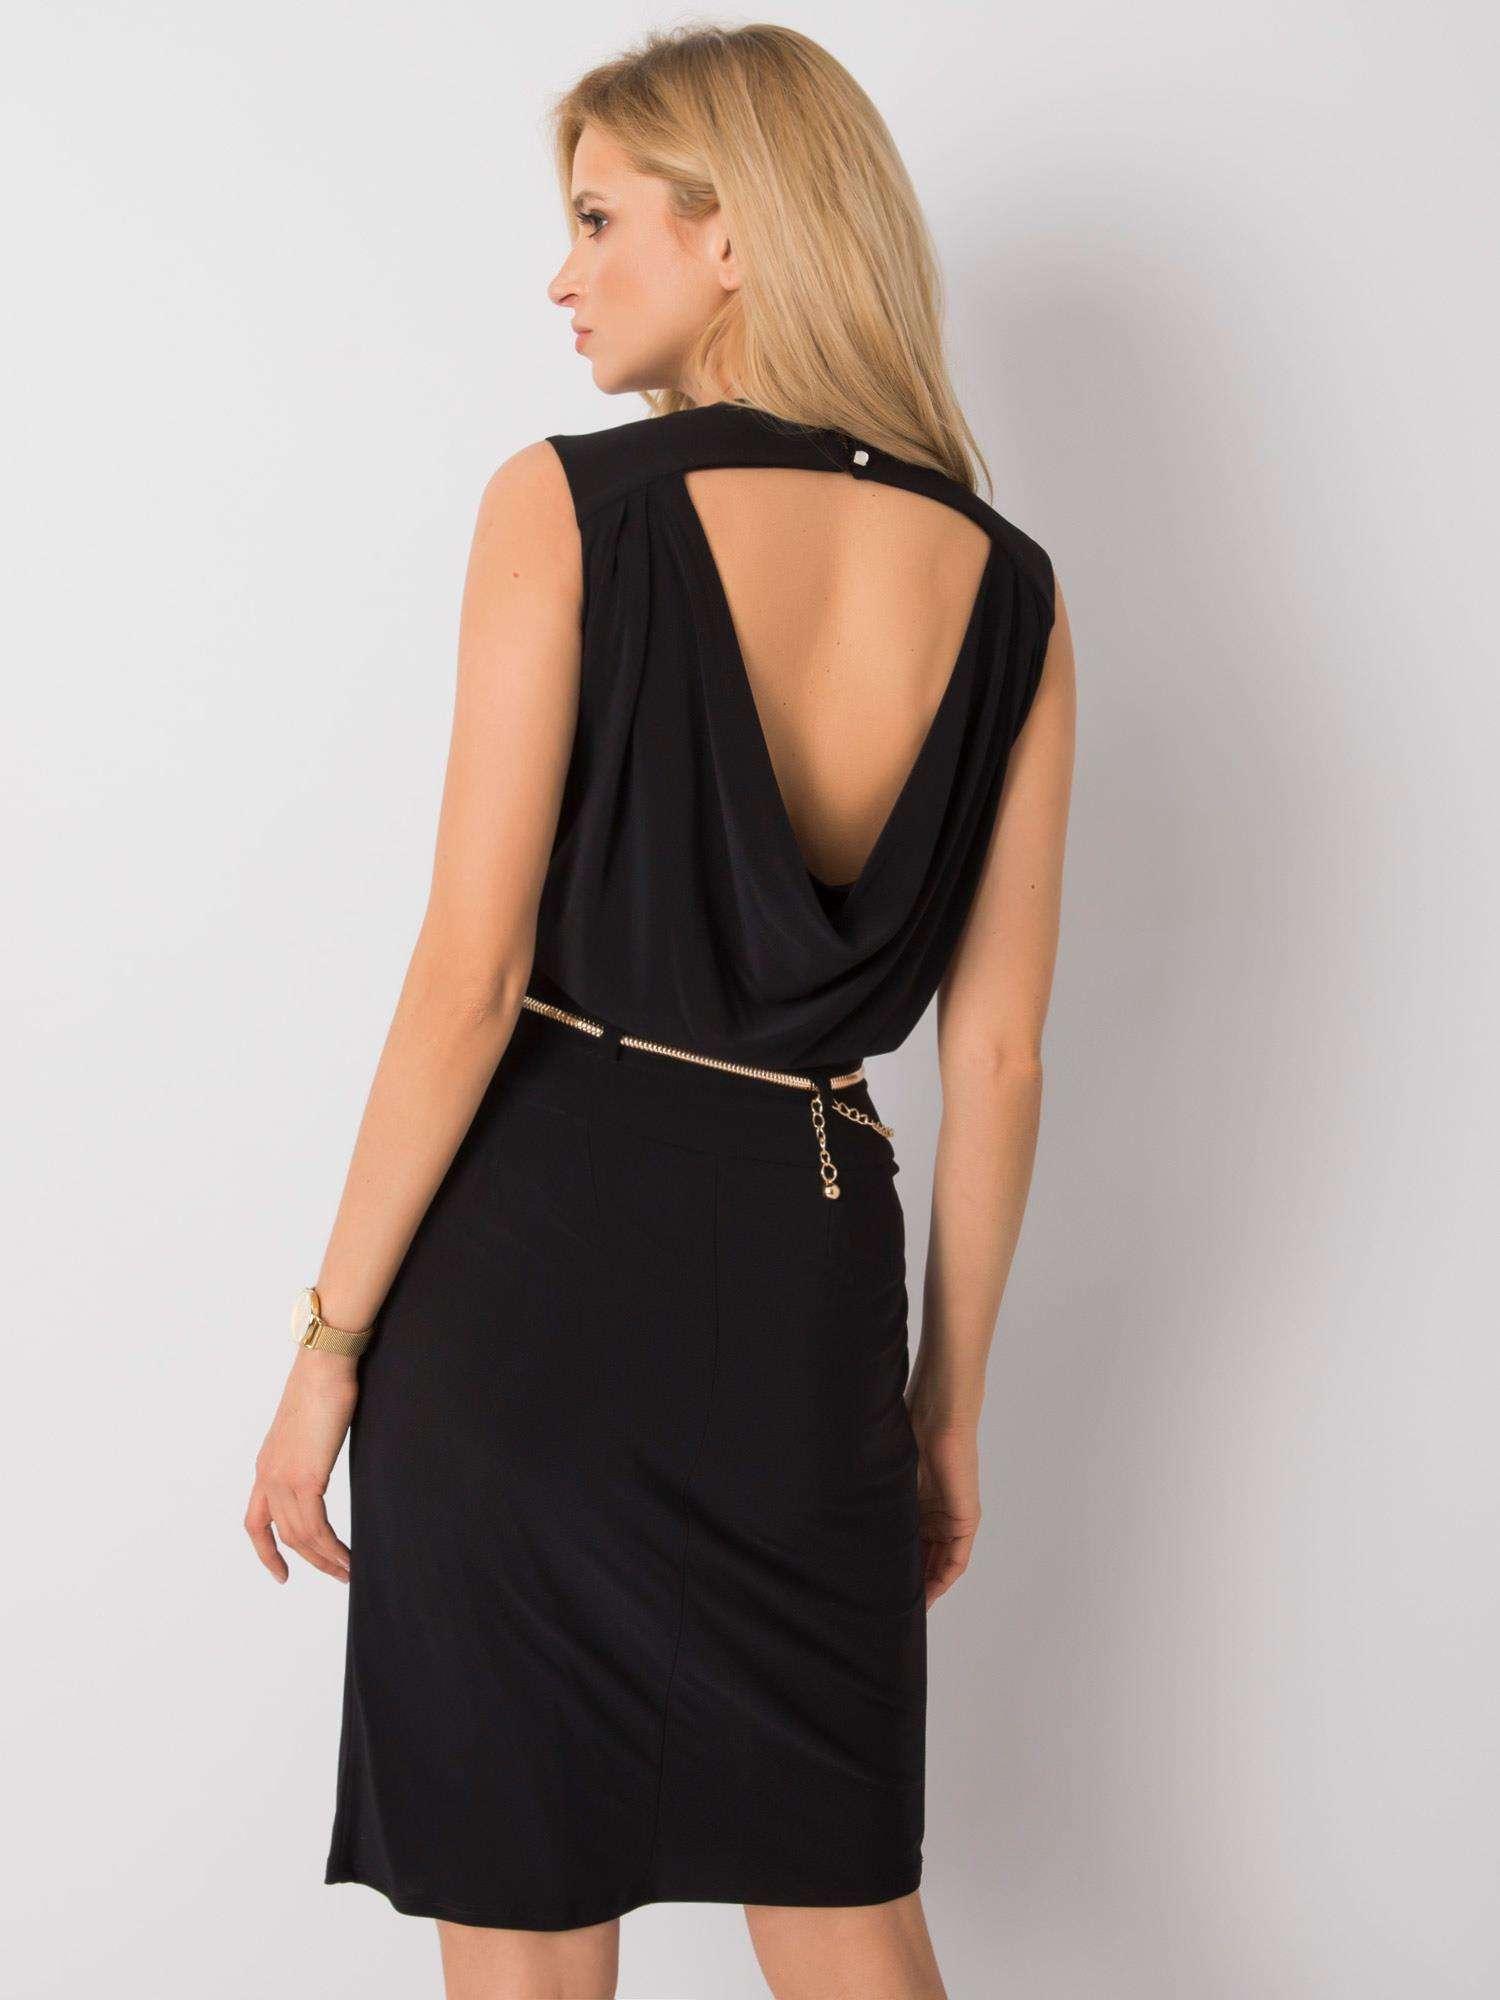 Spoločenské čierne šaty s retiazkou - 42